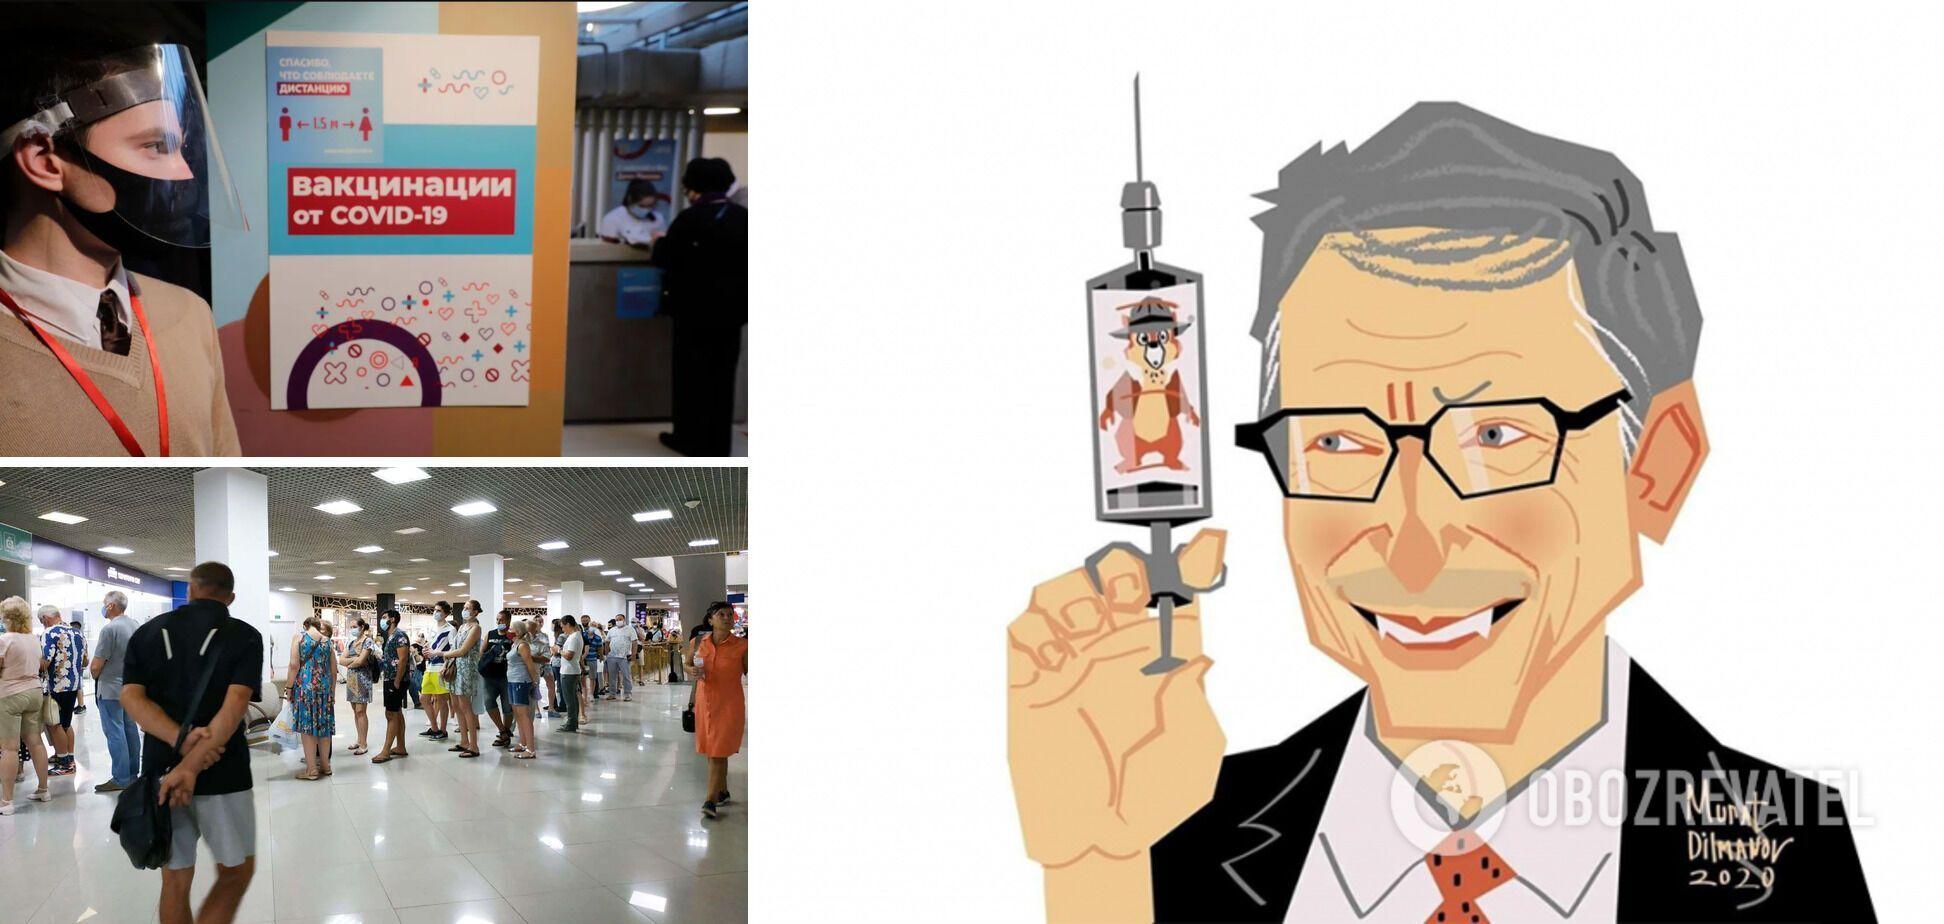 Ажіотаж неофітів: про вакцину, Біла Гейтса і людську дурість